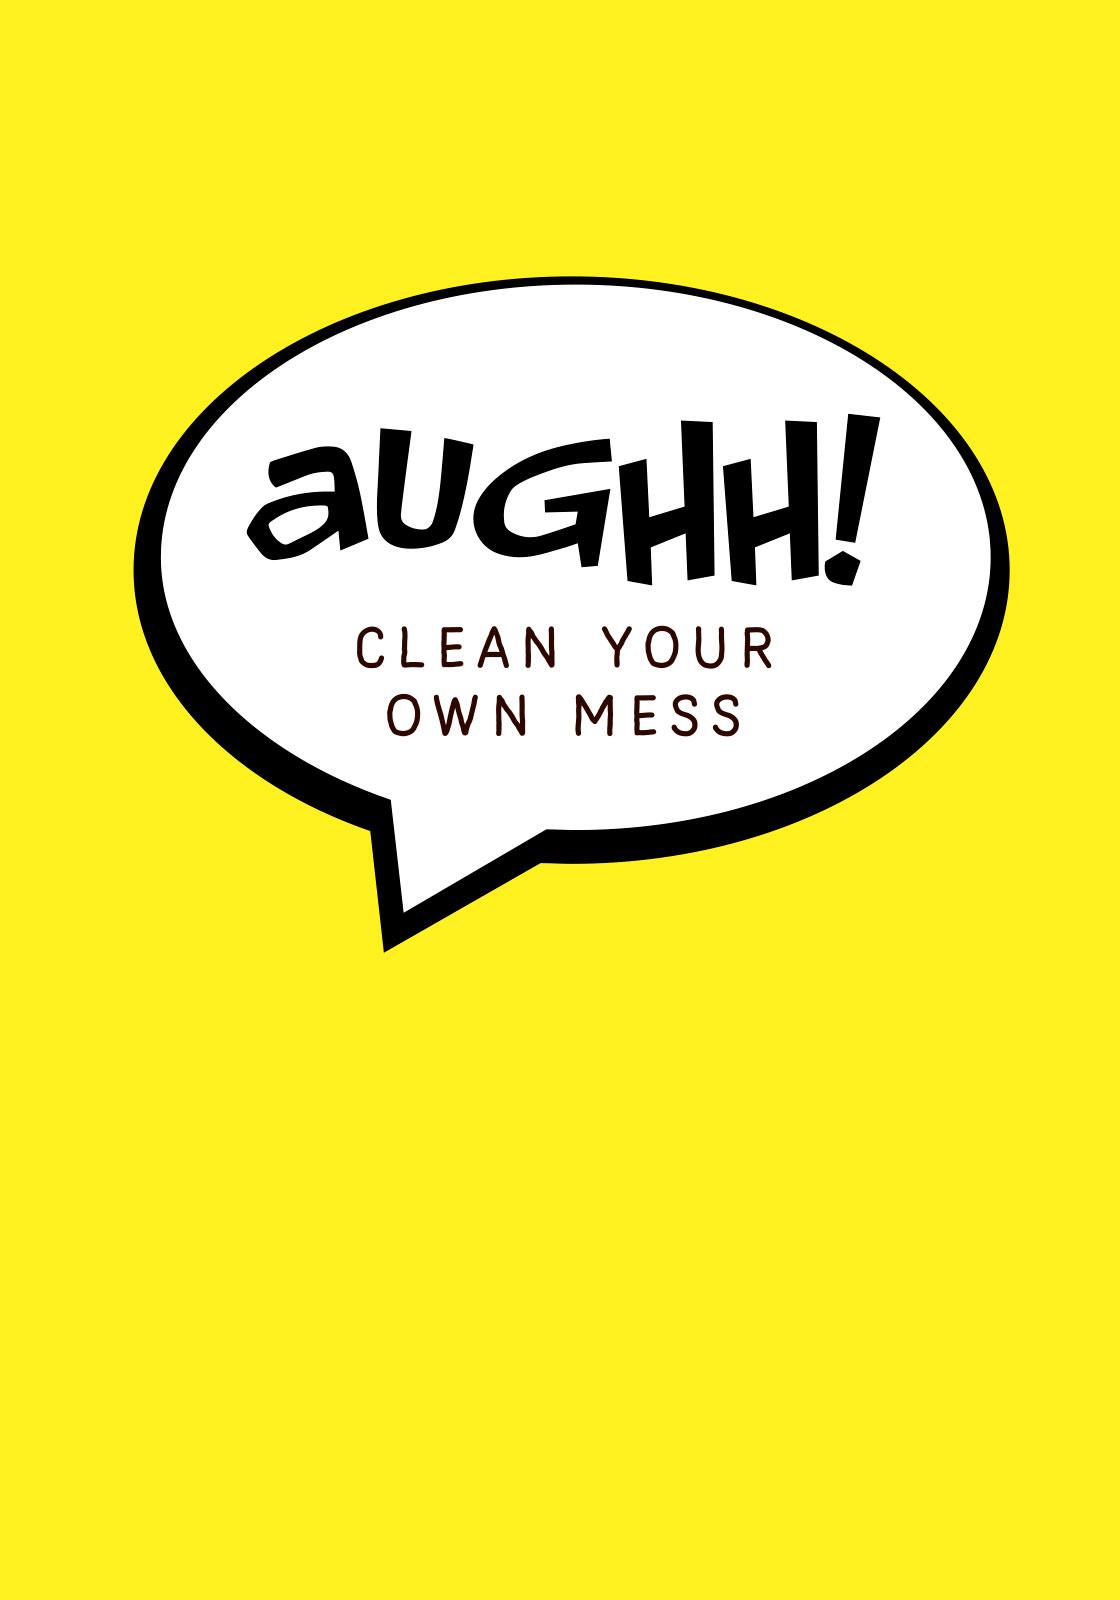 Aughh your own mess av Ten Valleys